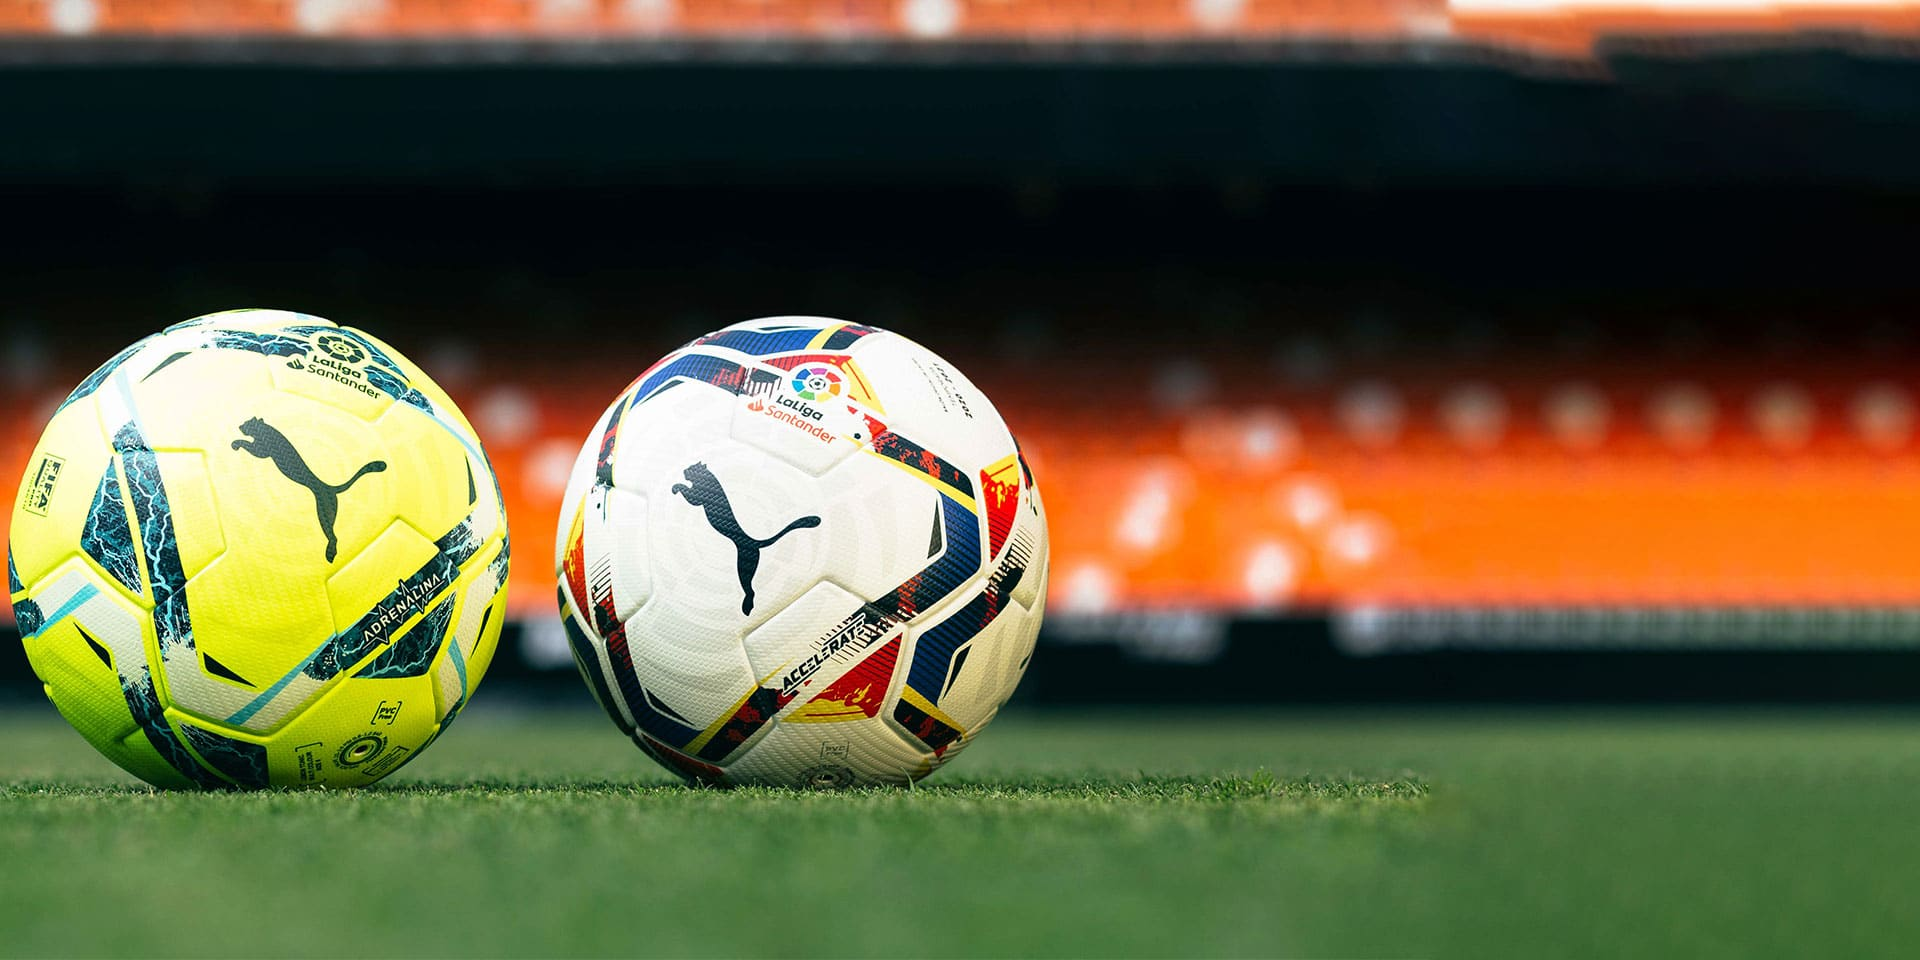 LaLiga footballs